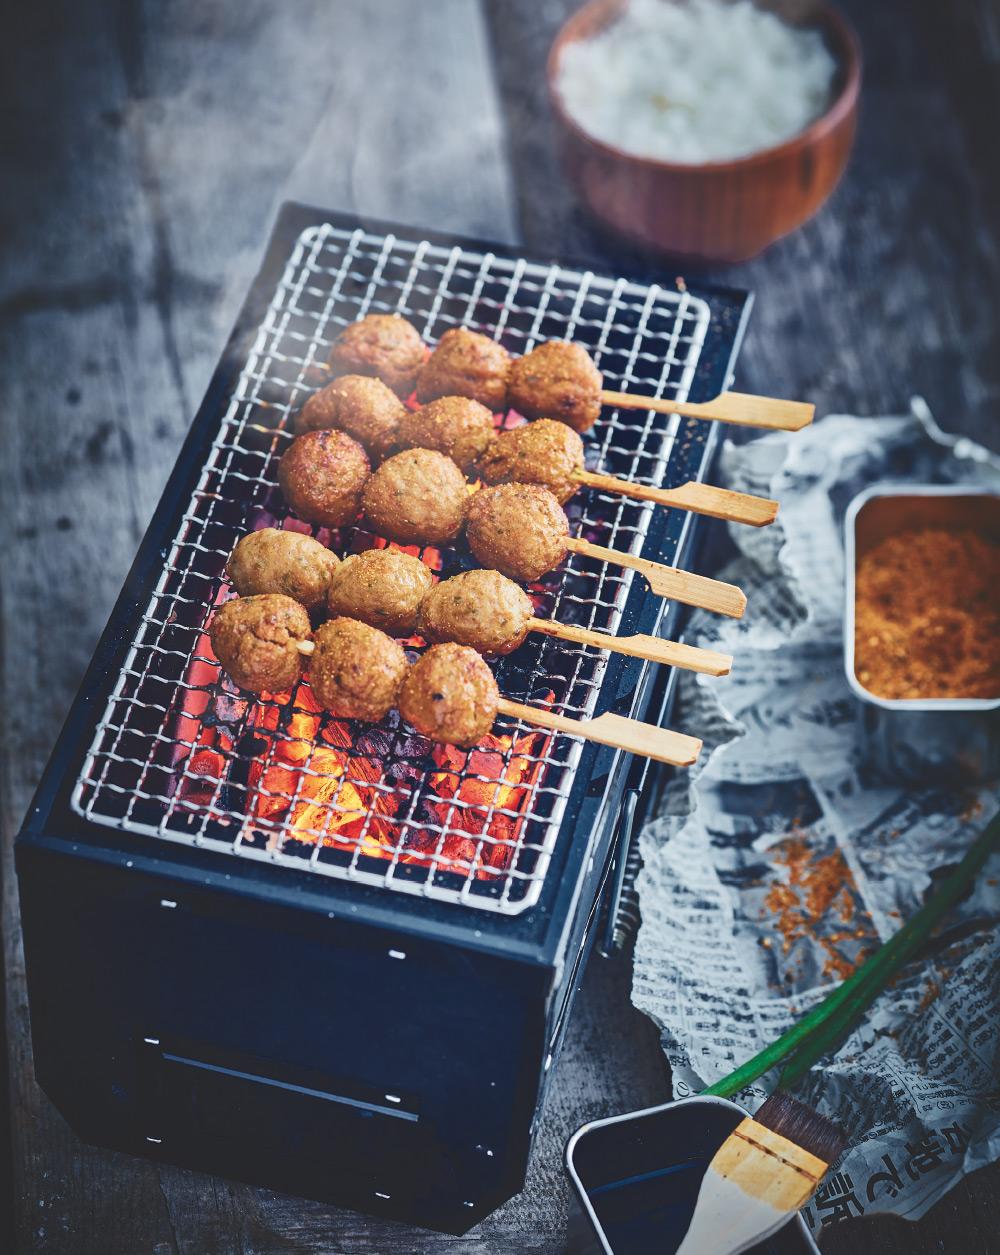 yaki Tsukune Shichimi - Brochette de boulettes au poulet épicé, cuite